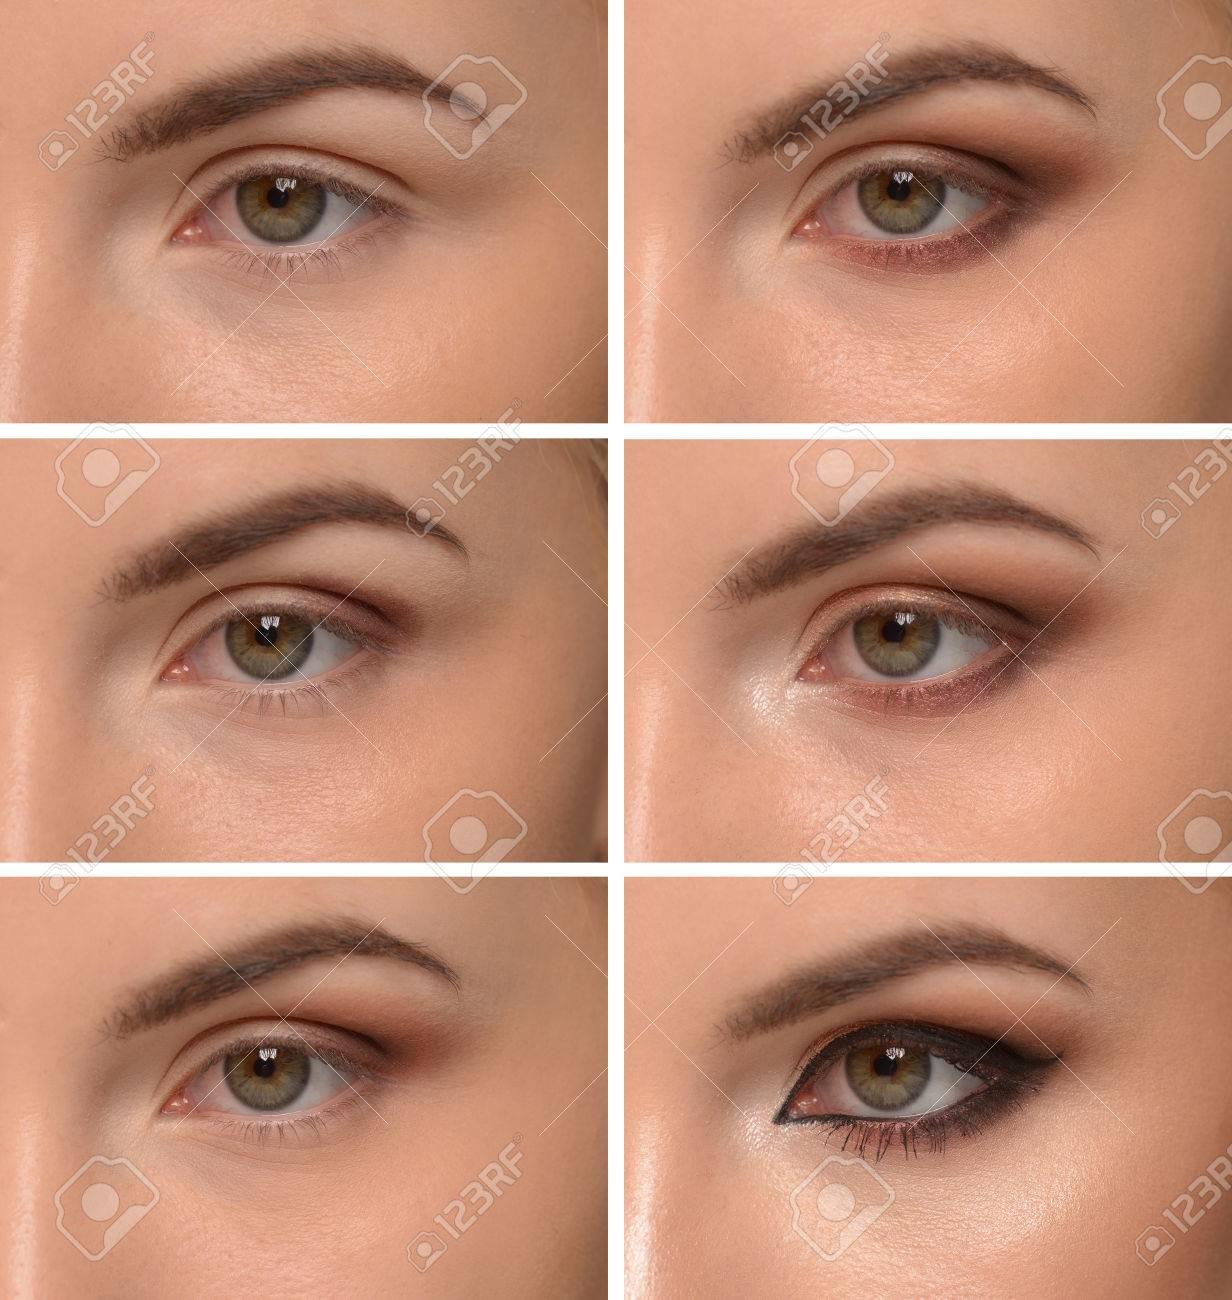 Exquisit Augen Make Up Schritt Für Schritt Dekoration Von Für Make-up Standard-bild - 85511083